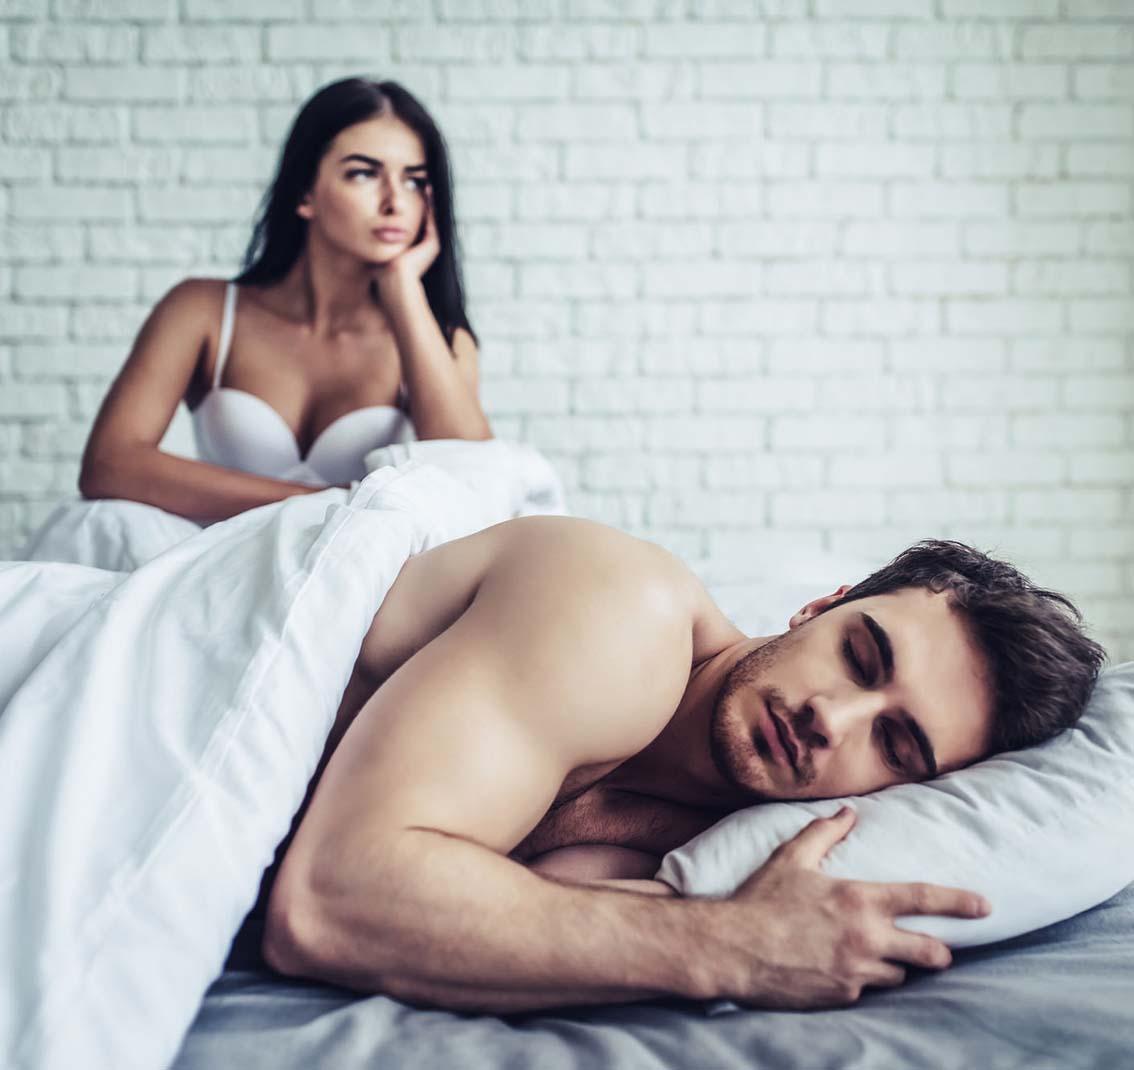 La performance sexuelle, une nouvelle source d'angoisse?